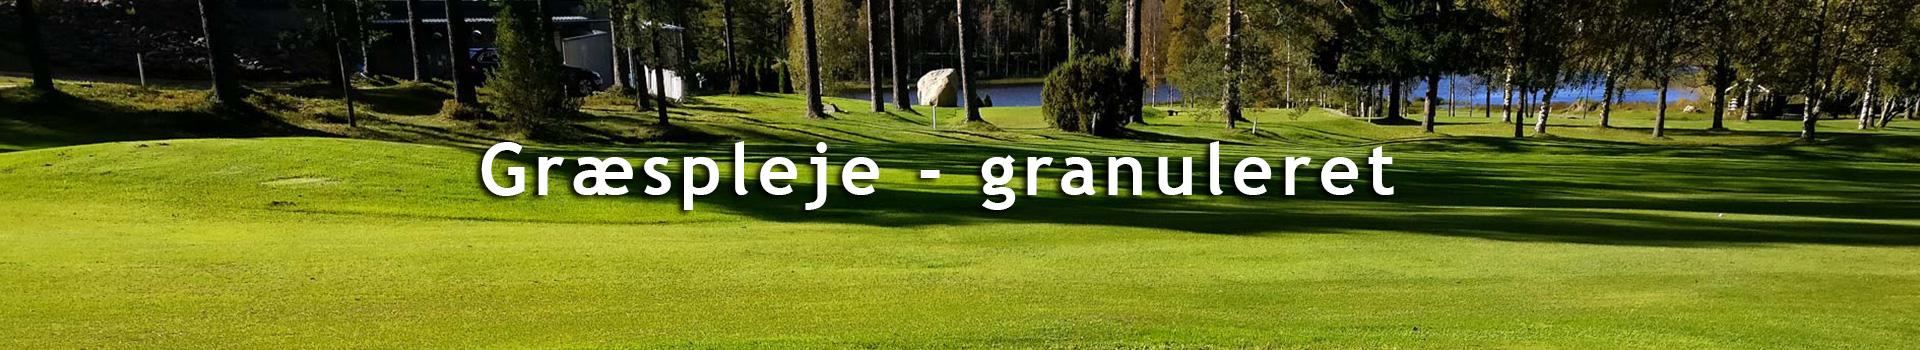 Kategoribillede_Graespleje_granuleret_DK